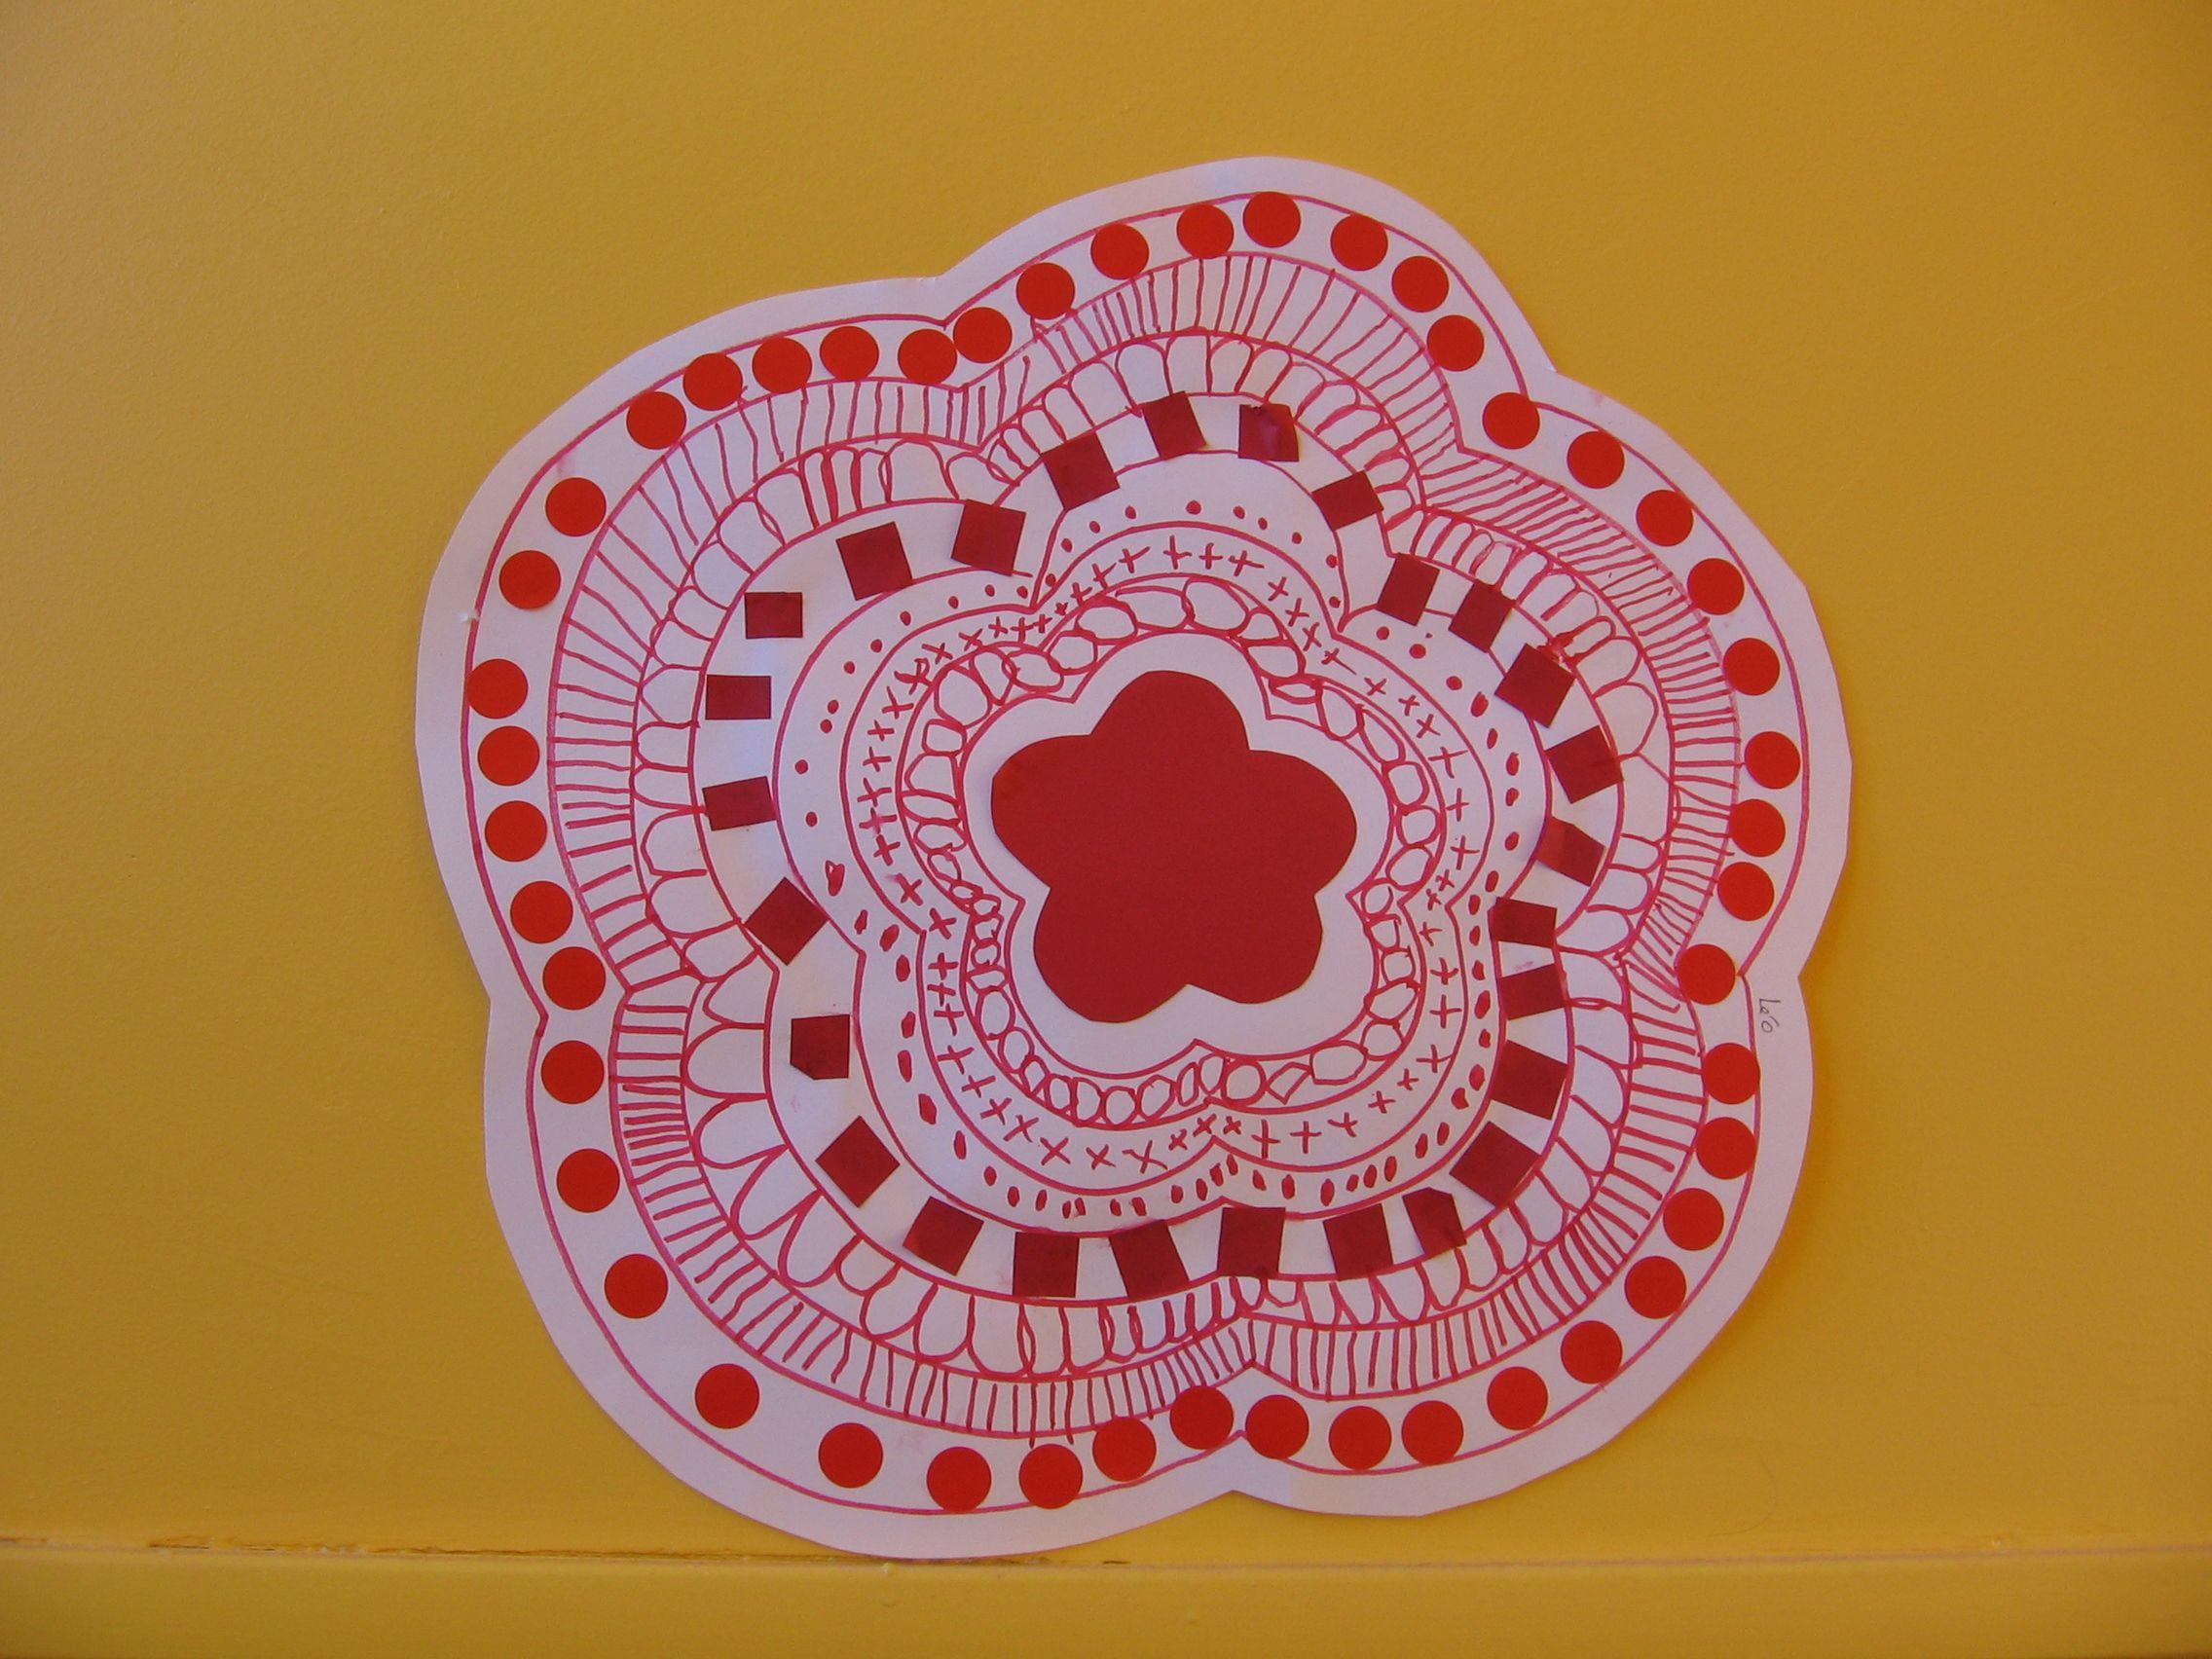 Graphisme et collage fleur grande section c fristot - Le printemps gs ...